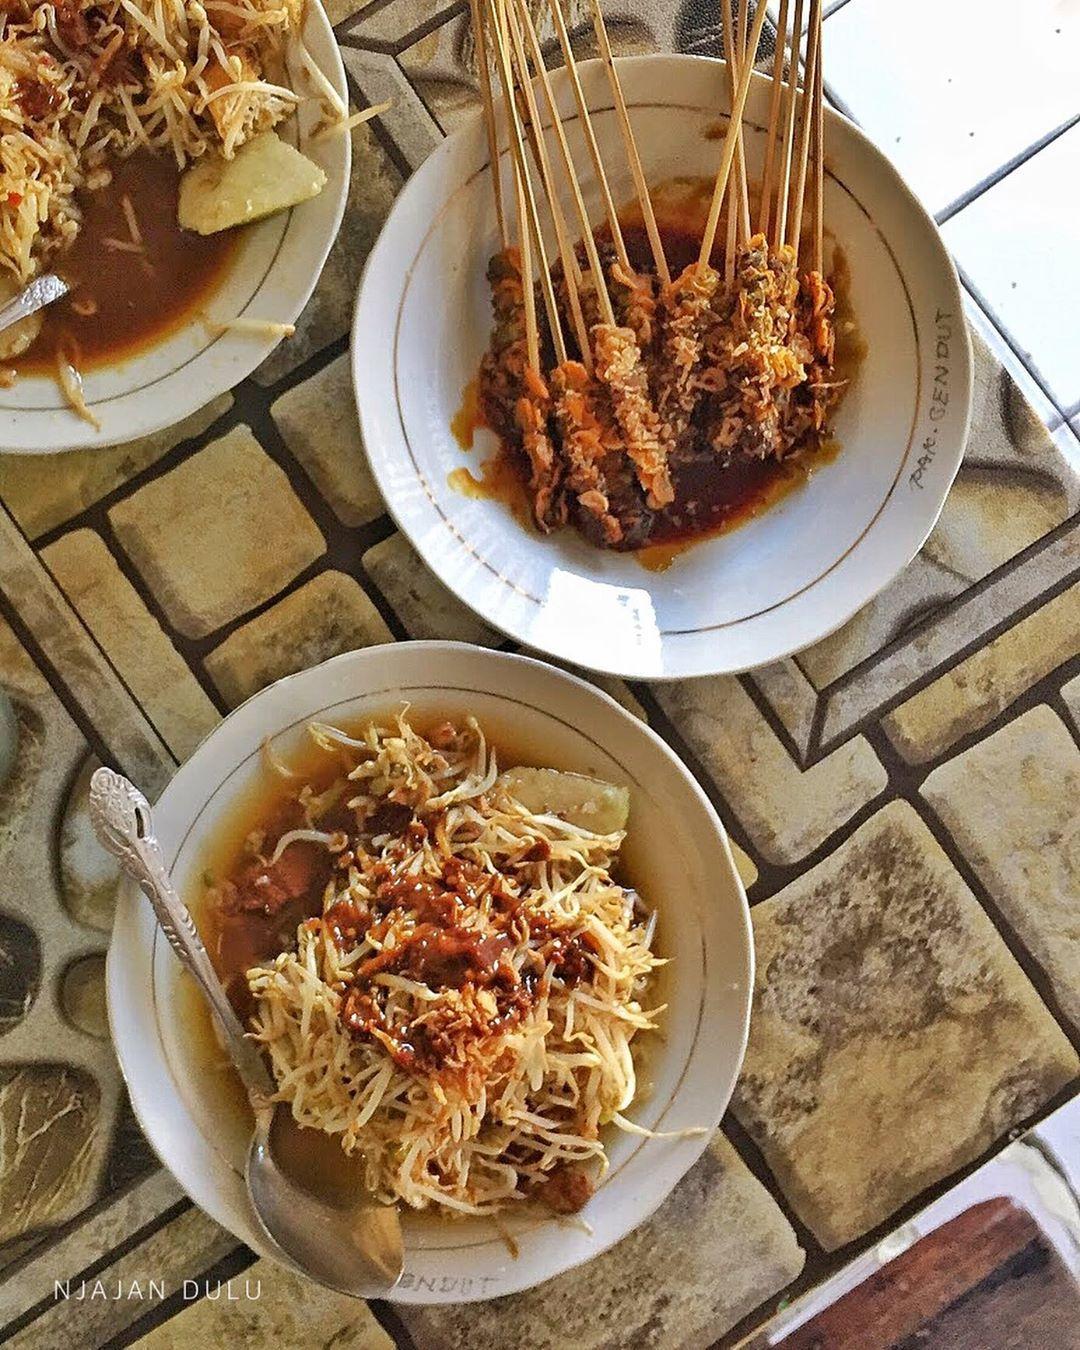 Semua Menggiurkan, Inilah 8 Makanan Khas Jawa Timur